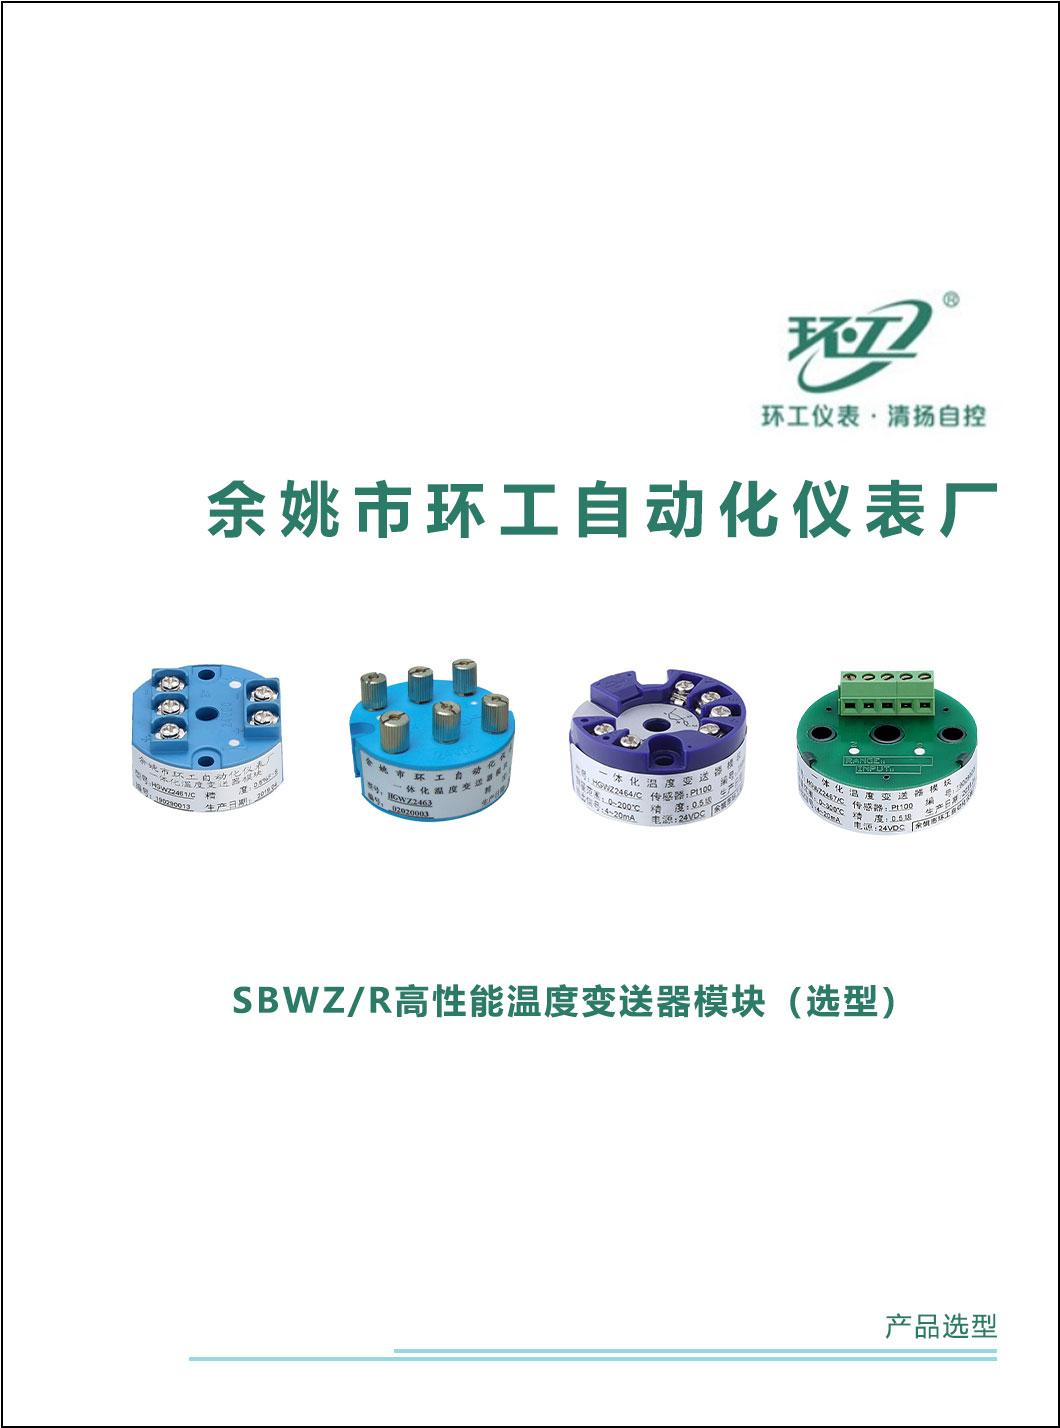 SBWZ/R高性能温度变送器模块-环工仪表-清扬自控